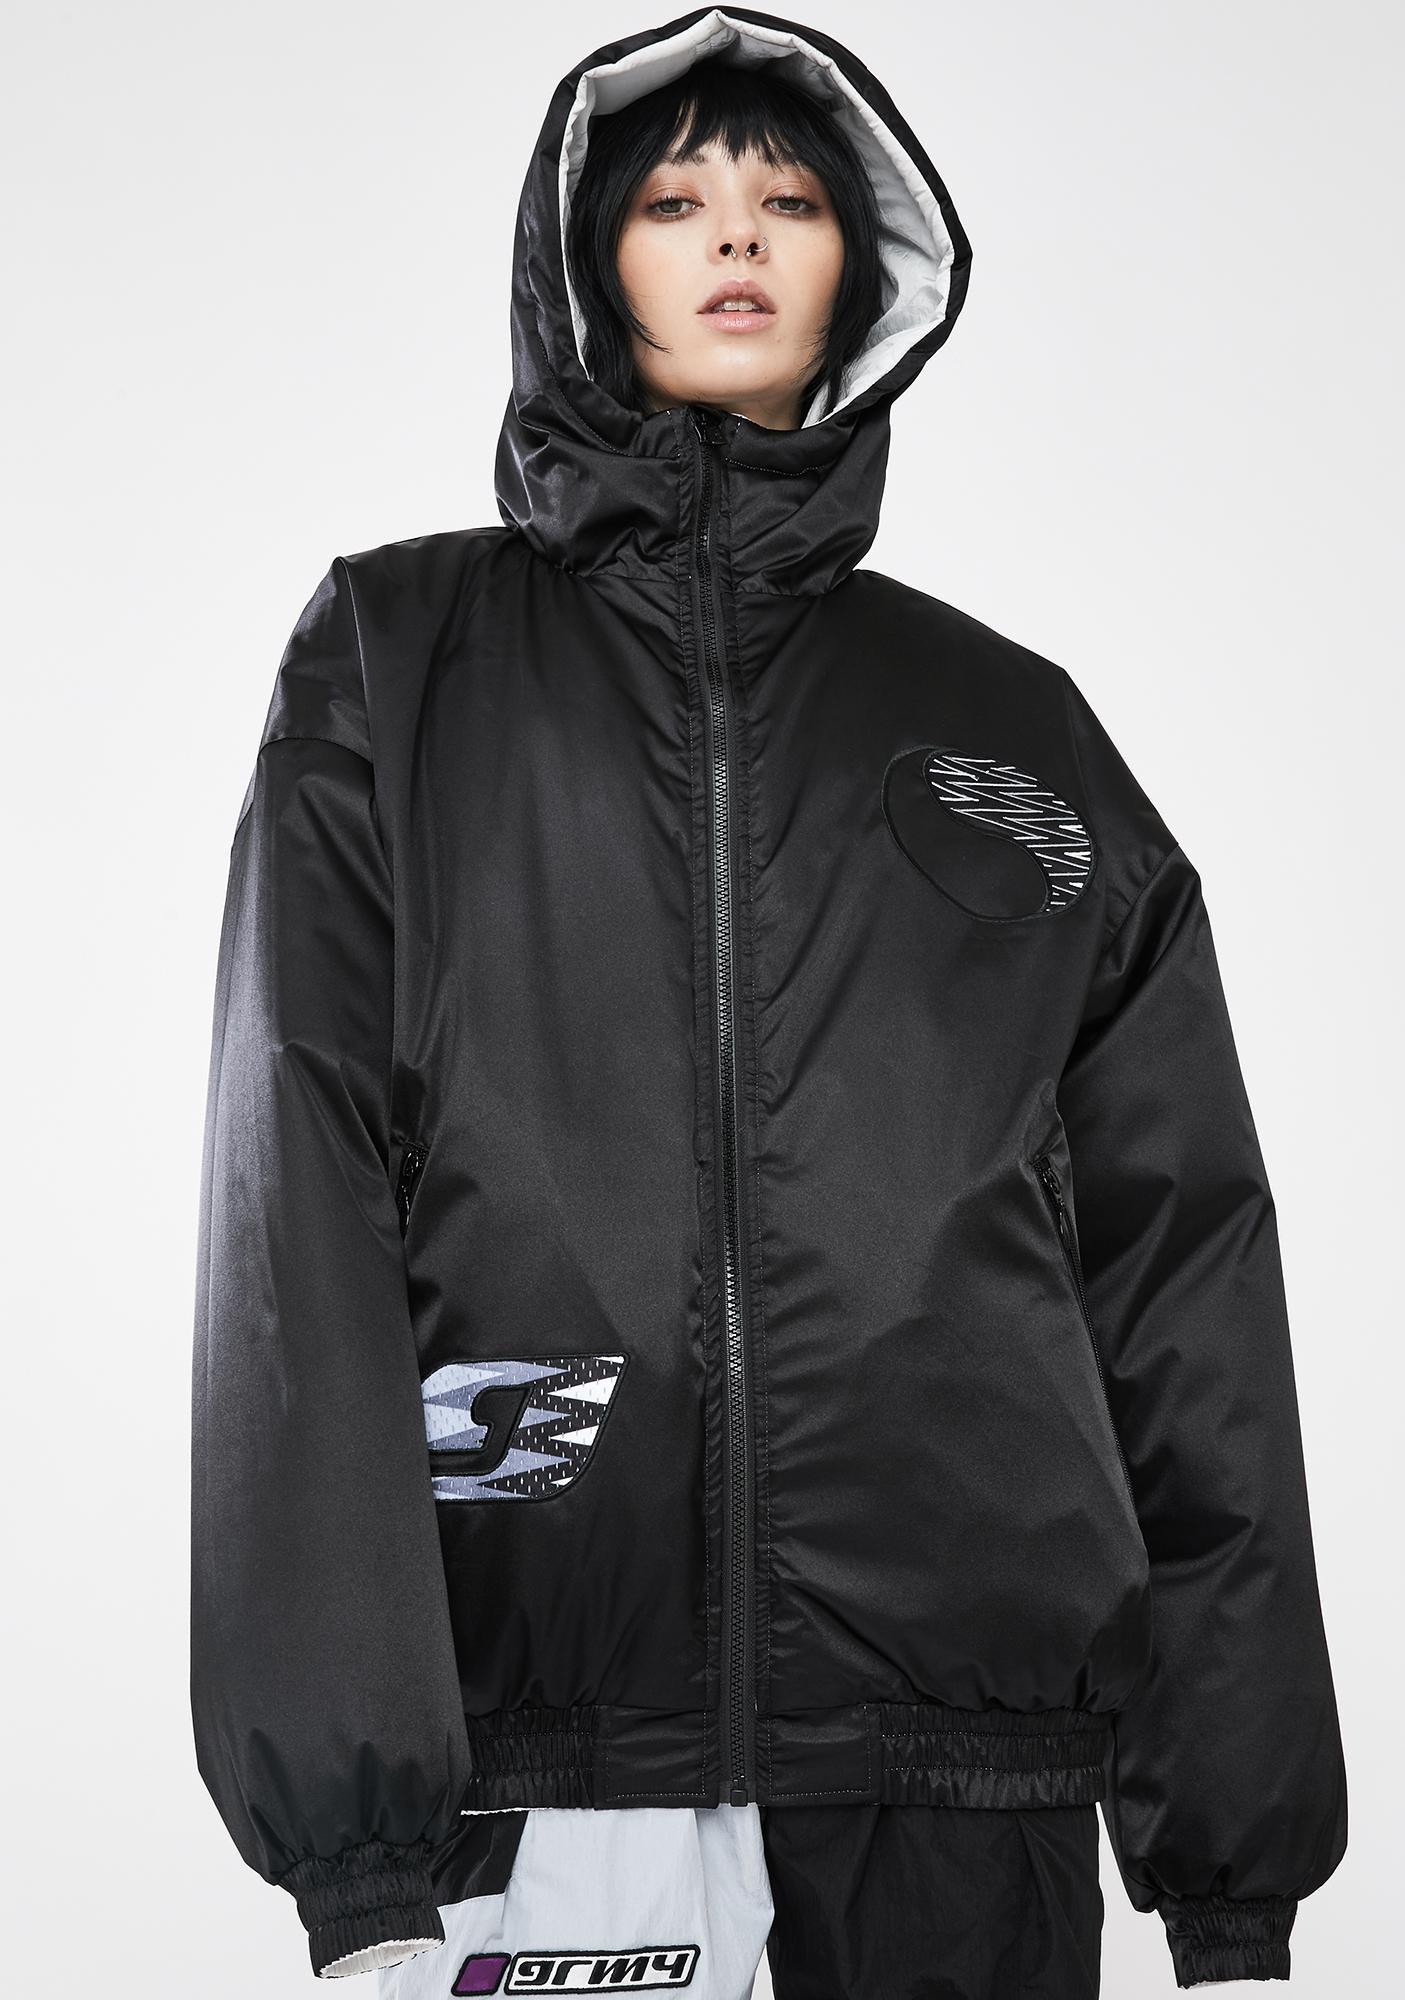 GRIMEY Acknowledge Reversible Hoodie Jacket